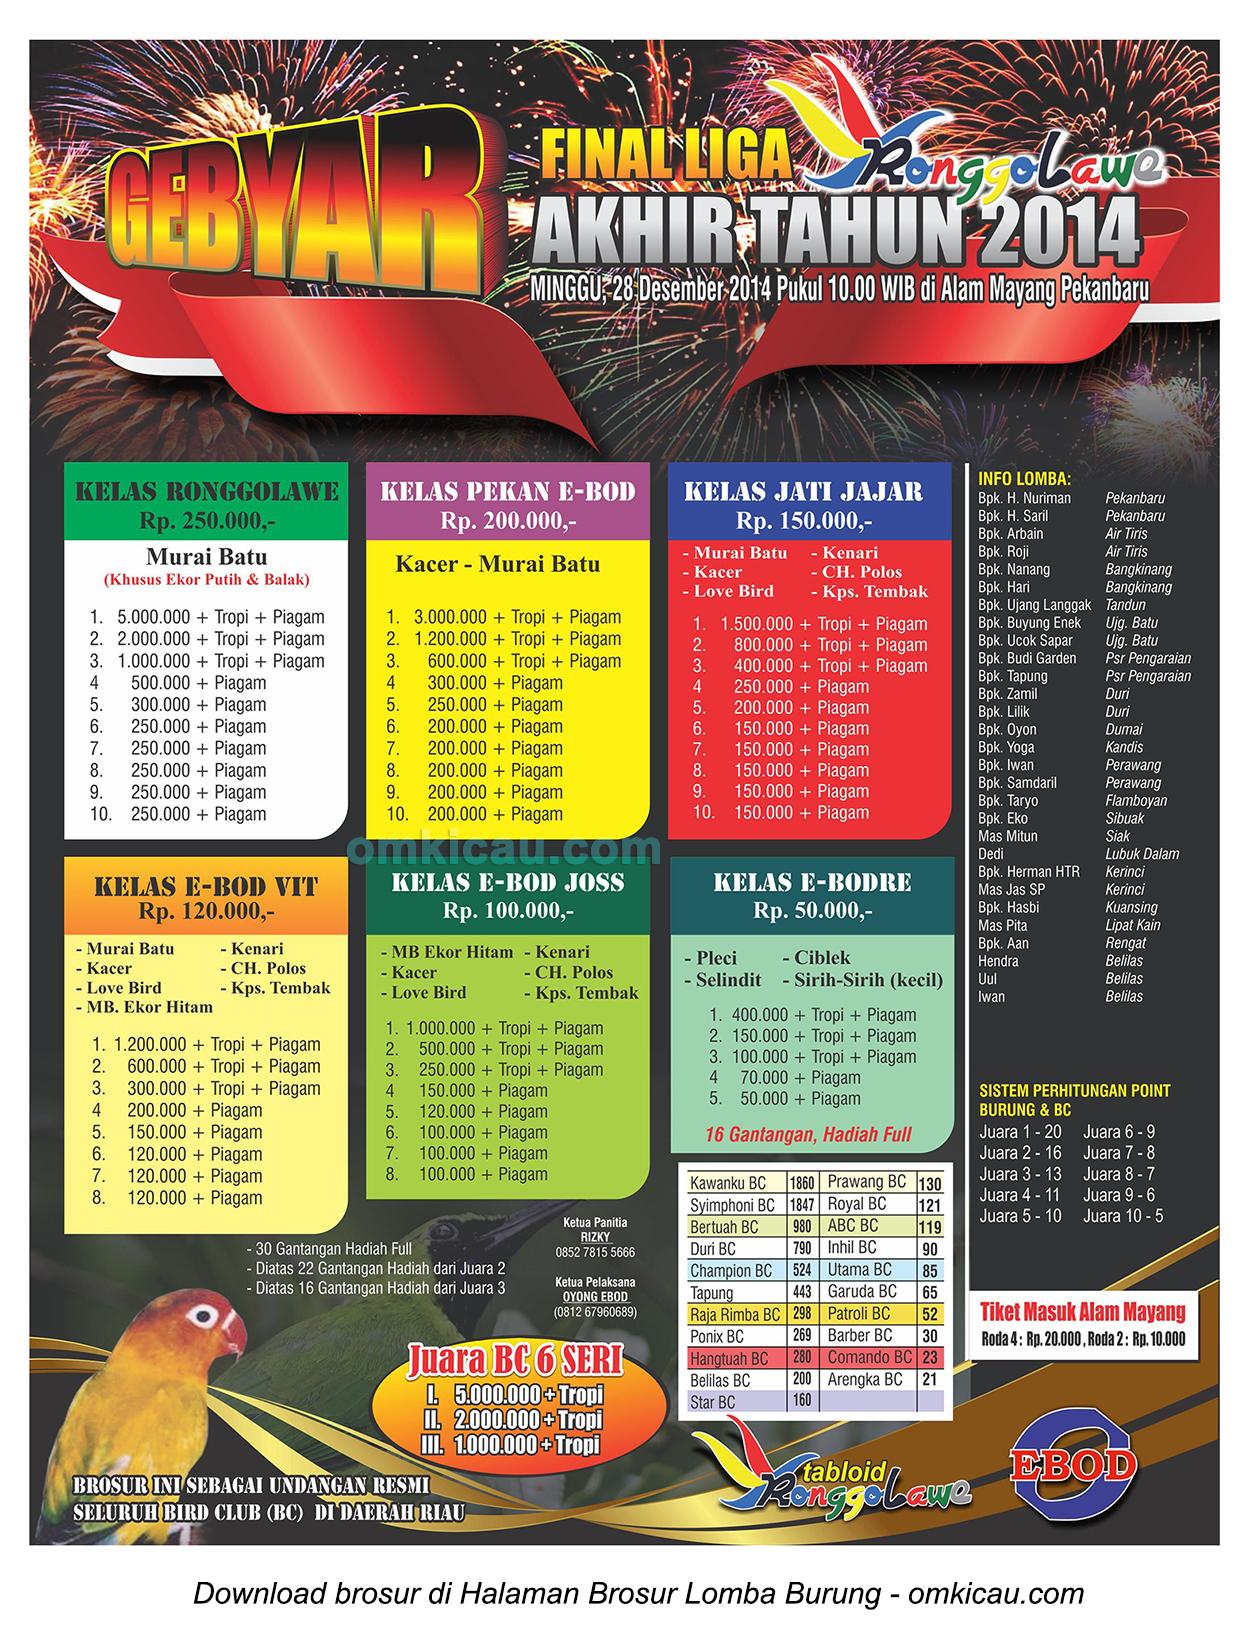 Brosur Lomba Burung Grand Final Liga Akhir Tahun Ronggolawe, Pekanbaru, 28 Desember 2014